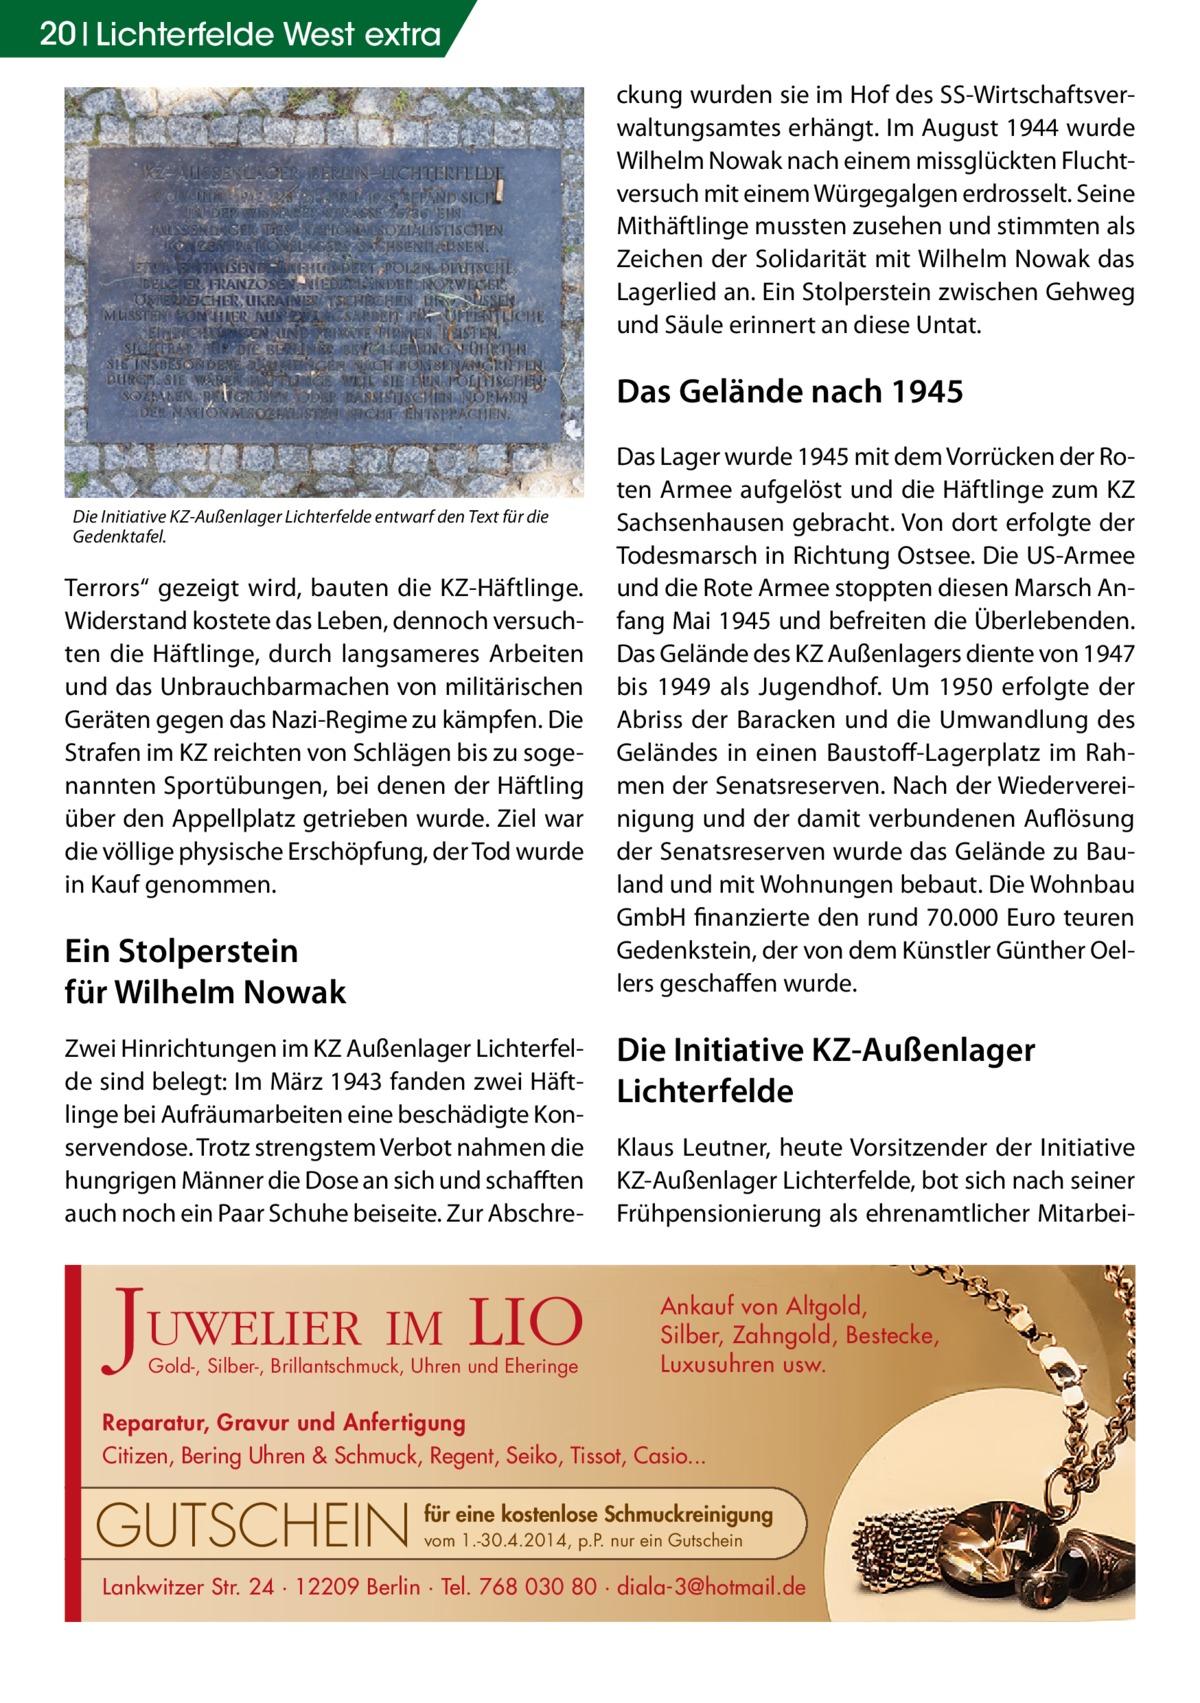 """20 Lichterfelde West extra ckung wurden sie im Hof des SS-Wirtschaftsverwaltungsamtes erhängt. Im August 1944 wurde Wilhelm Nowak nach einem missglückten Fluchtversuch mit einem Würgegalgen erdrosselt. Seine Mithäftlinge mussten zusehen und stimmten als Zeichen der Solidarität mit Wilhelm Nowak das Lagerlied an. Ein Stolperstein zwischen Gehweg und Säule erinnert an diese Untat.  Das Gelände nach 1945  Die Initiative KZ-Außenlager Lichterfelde entwarf den Text für die Gedenktafel.  Terrors"""" gezeigt wird, bauten die KZ-Häftlinge. Widerstand kostete das Leben, dennoch versuchten die Häftlinge, durch langsameres Arbeiten und das Unbrauchbarmachen von militärischen Geräten gegen das Nazi-Regime zu kämpfen. Die Strafen im KZ reichten von Schlägen bis zu sogenannten Sportübungen, bei denen der Häftling über den Appellplatz getrieben wurde. Ziel war die völlige physische Erschöpfung, der Tod wurde in Kauf genommen.  Ein Stolperstein für Wilhelm Nowak Zwei Hinrichtungen im KZ Außenlager Lichterfelde sind belegt: Im März 1943 fanden zwei Häftlinge bei Aufräumarbeiten eine beschädigte Konservendose. Trotz strengstem Verbot nahmen die hungrigen Männer die Dose an sich und schafften auch noch ein Paar Schuhe beiseite. Zur Abschre J  UWELIER IM  LIO  Gold-, Silber-, Brillantschmuck, Uhren und Eheringe  Das Lager wurde 1945 mit dem Vorrücken der Roten Armee aufgelöst und die Häftlinge zum KZ Sachsenhausen gebracht. Von dort erfolgte der Todesmarsch in Richtung Ostsee. Die US-Armee und die Rote Armee stoppten diesen Marsch Anfang Mai 1945 und befreiten die Überlebenden. Das Gelände des KZ Außenlagers diente von 1947 bis 1949 als Jugendhof. Um 1950 erfolgte der Abriss der Baracken und die Umwandlung des Geländes in einen Baustoff-Lagerplatz im Rahmen der Senatsreserven. Nach der Wiedervereinigung und der damit verbundenen Auflösung der Senatsreserven wurde das Gelände zu Bauland und mit Wohnungen bebaut. Die Wohnbau GmbH finanzierte den rund 70.000 Euro teuren Gedenkstein, der von """